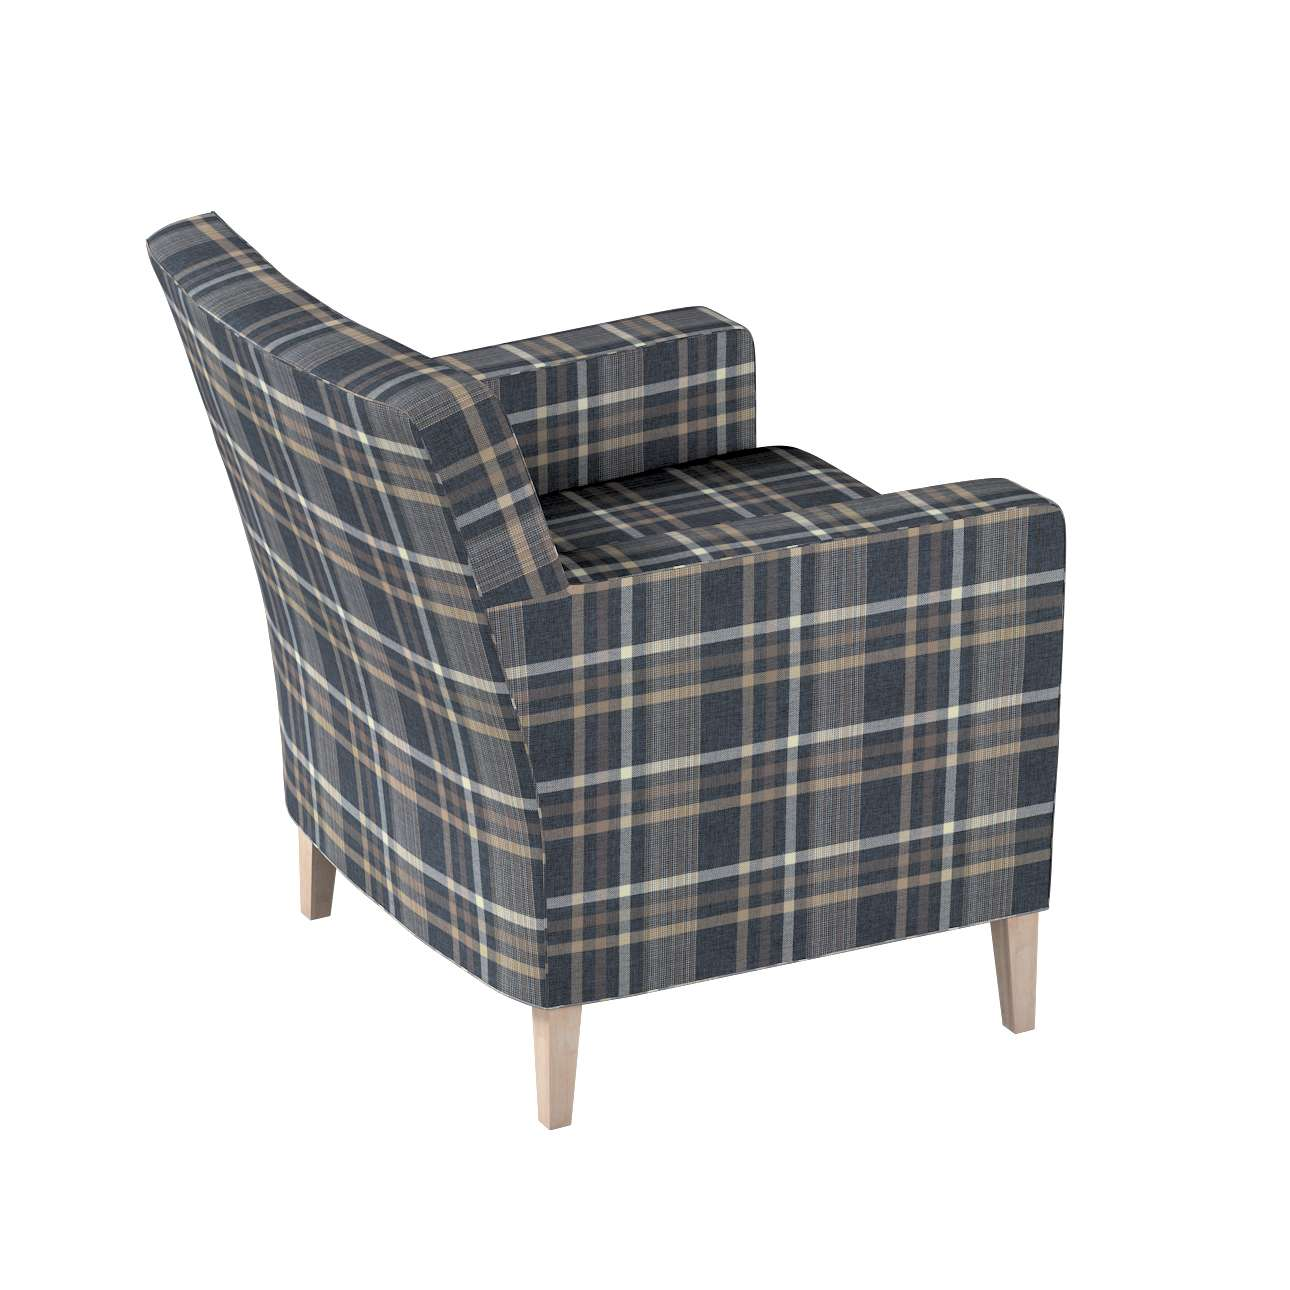 Pokrowiec na fotel Karlstad w kolekcji Edinburgh, tkanina: 703-16